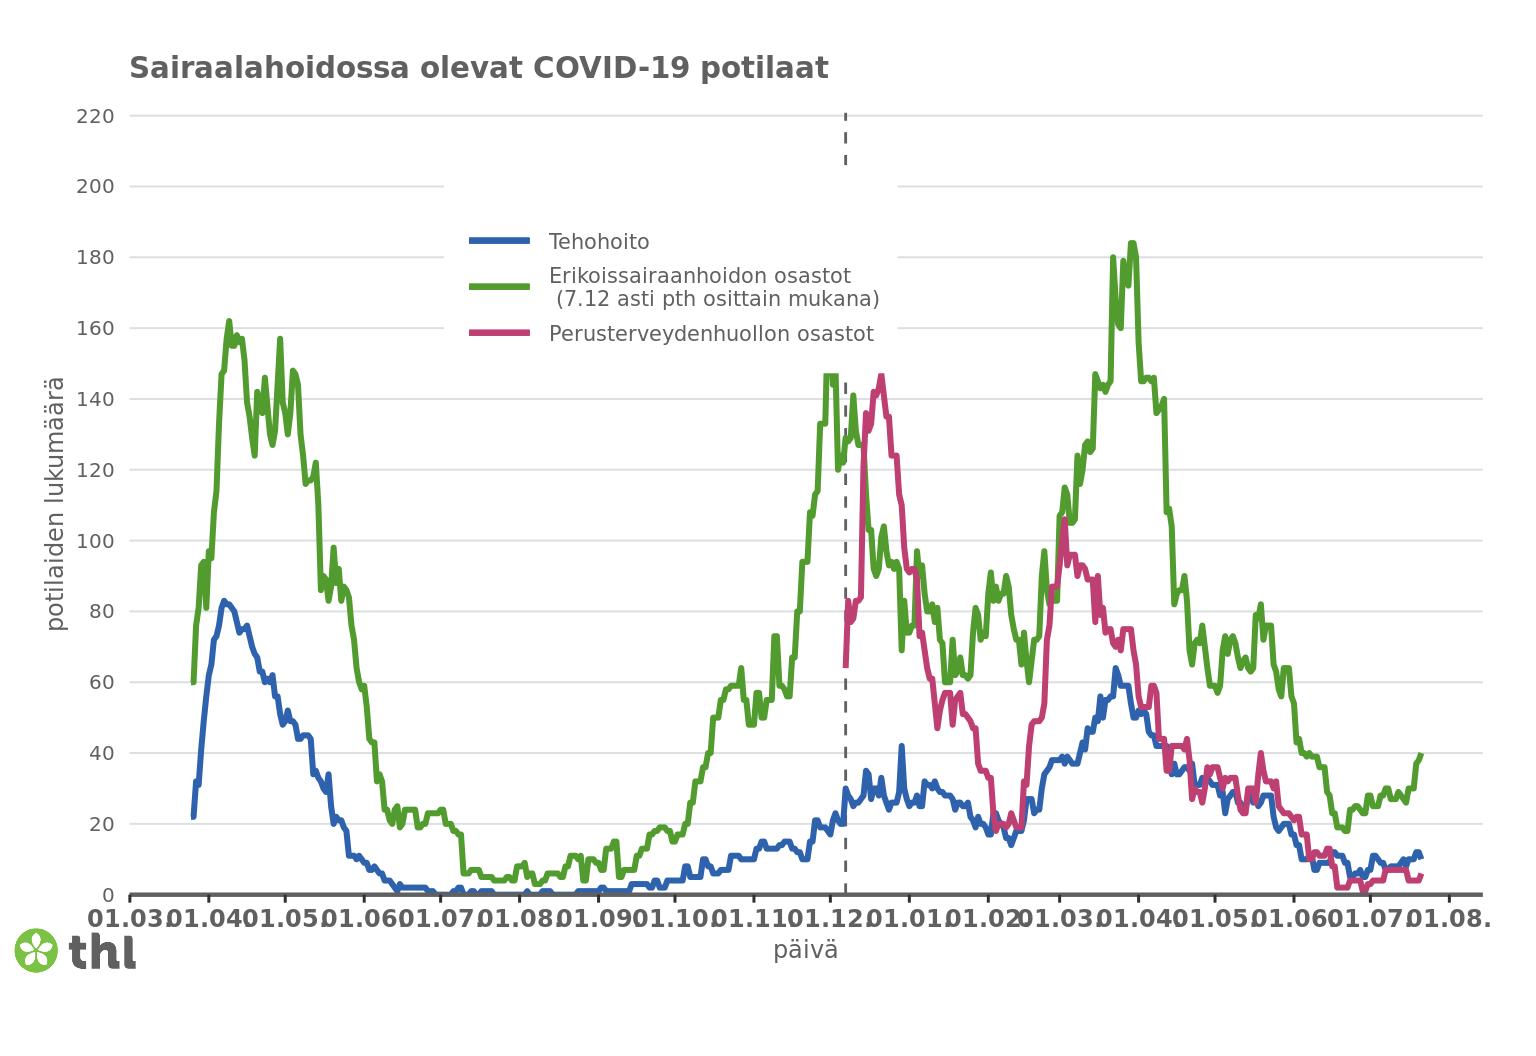 Kuvaajassa esitetään erikoissairaanhoidon, perusterveydenhuollon ja tehohoidon osastoilla olevien COVID-19-tautiin sairastuneiden henkilöiden lukumäärät koko maassa.